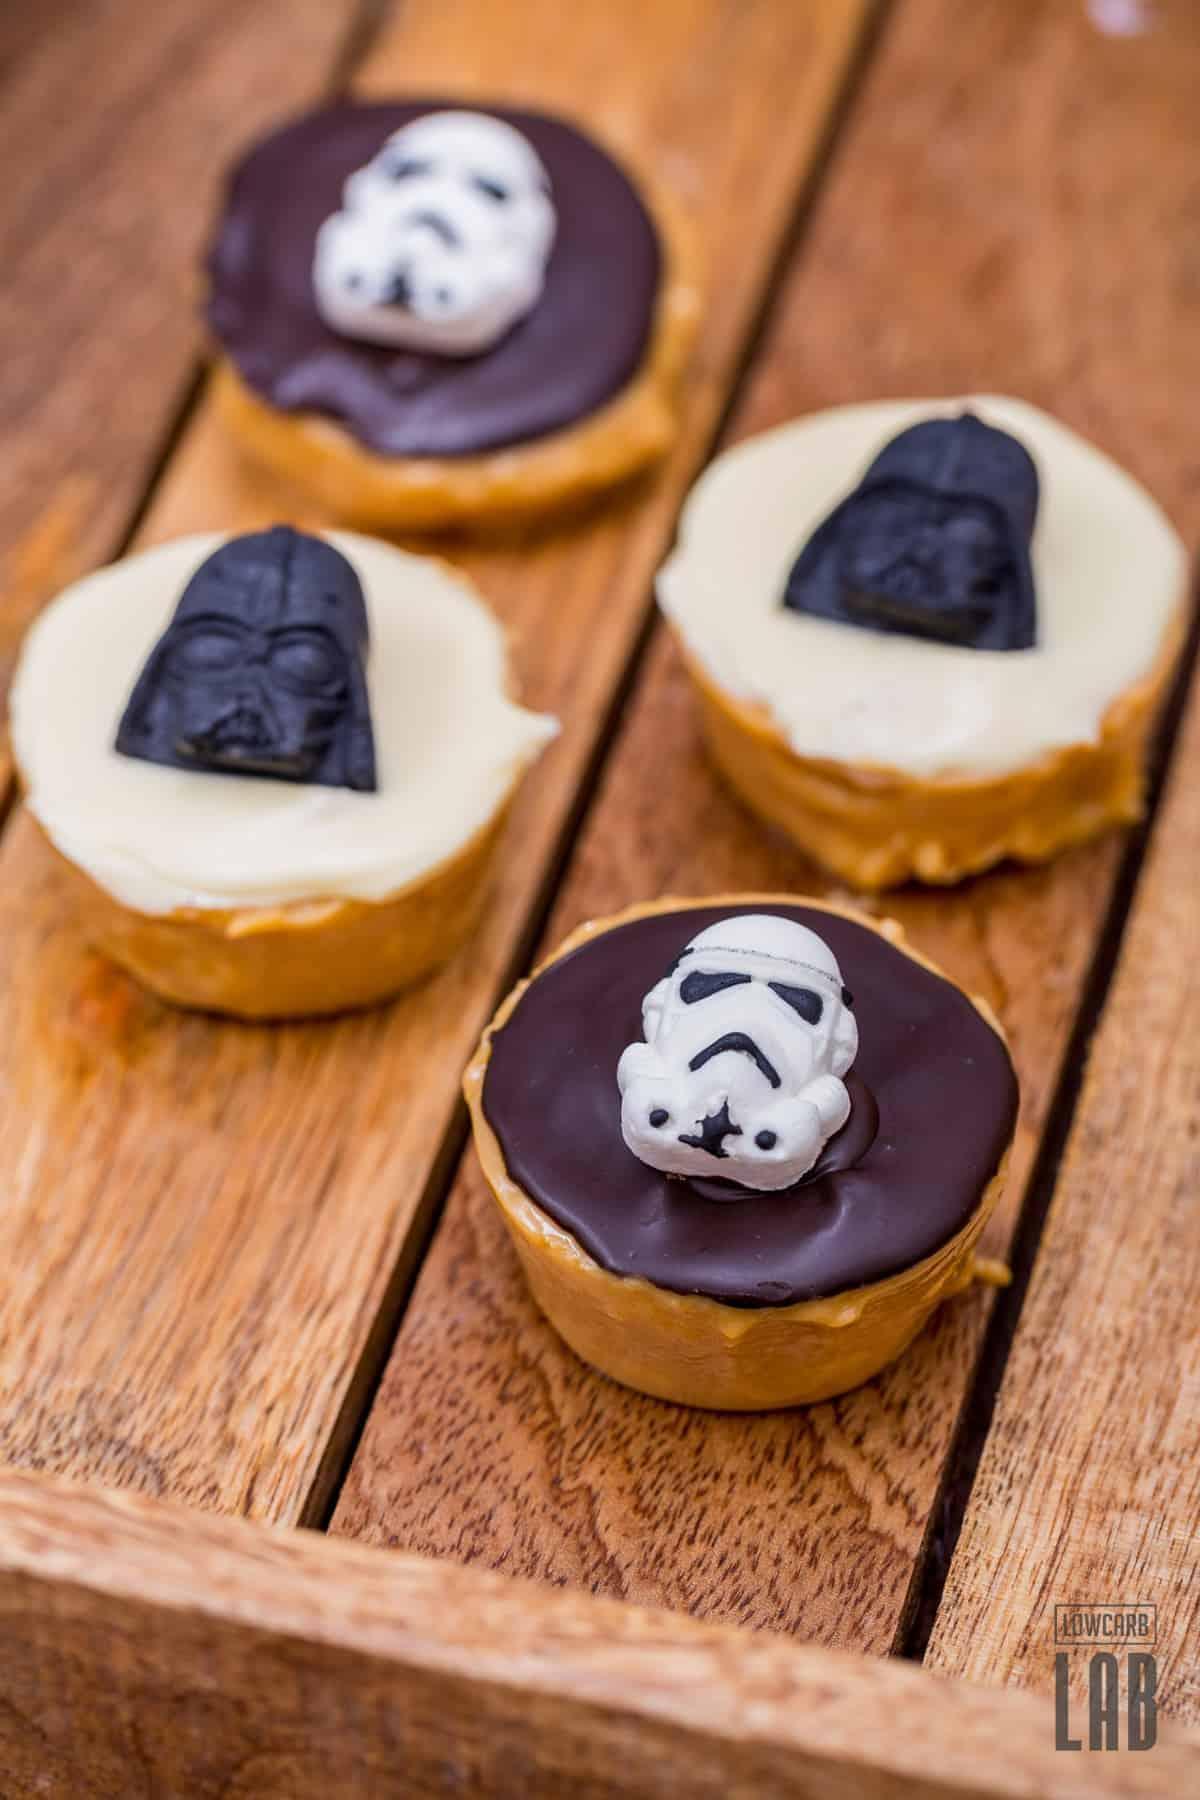 Low-Carb Star Wars Peanut Butter Fudge